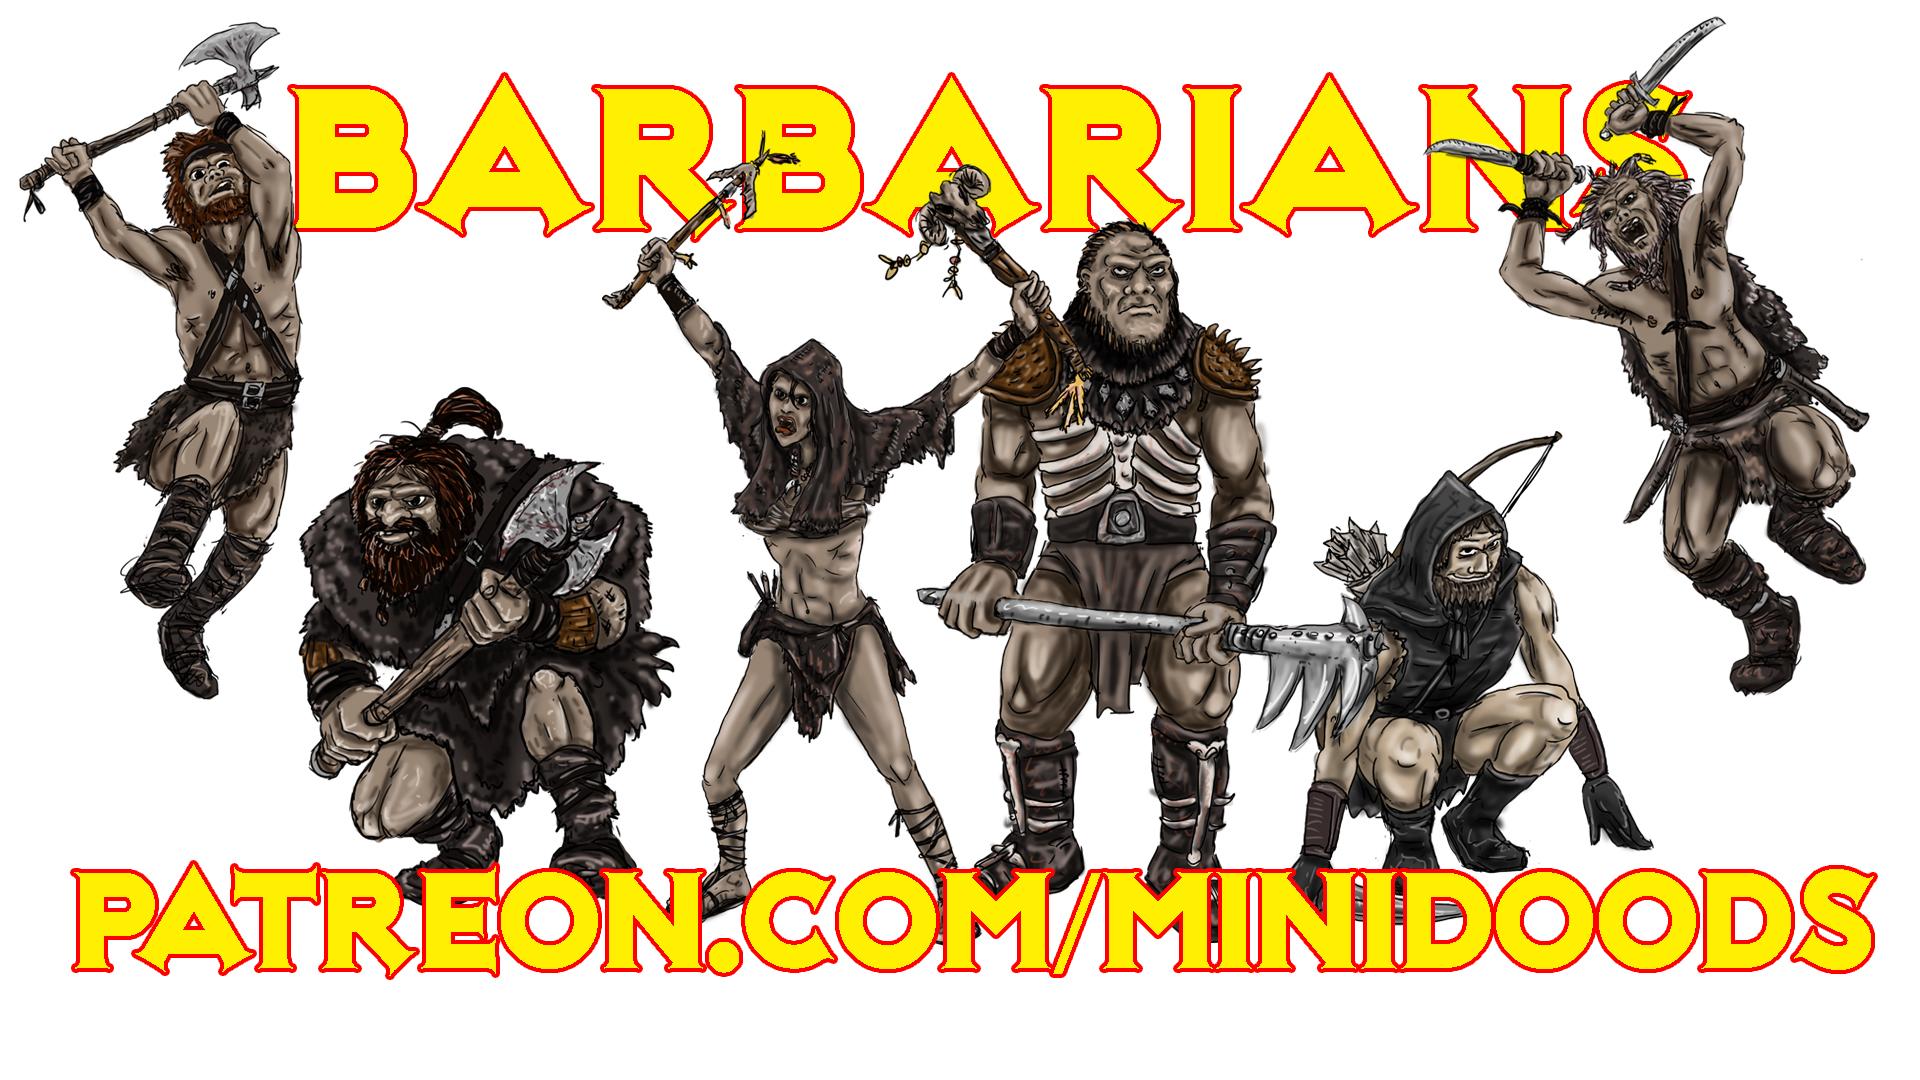 PROMO GROUP SHOT Barbarians